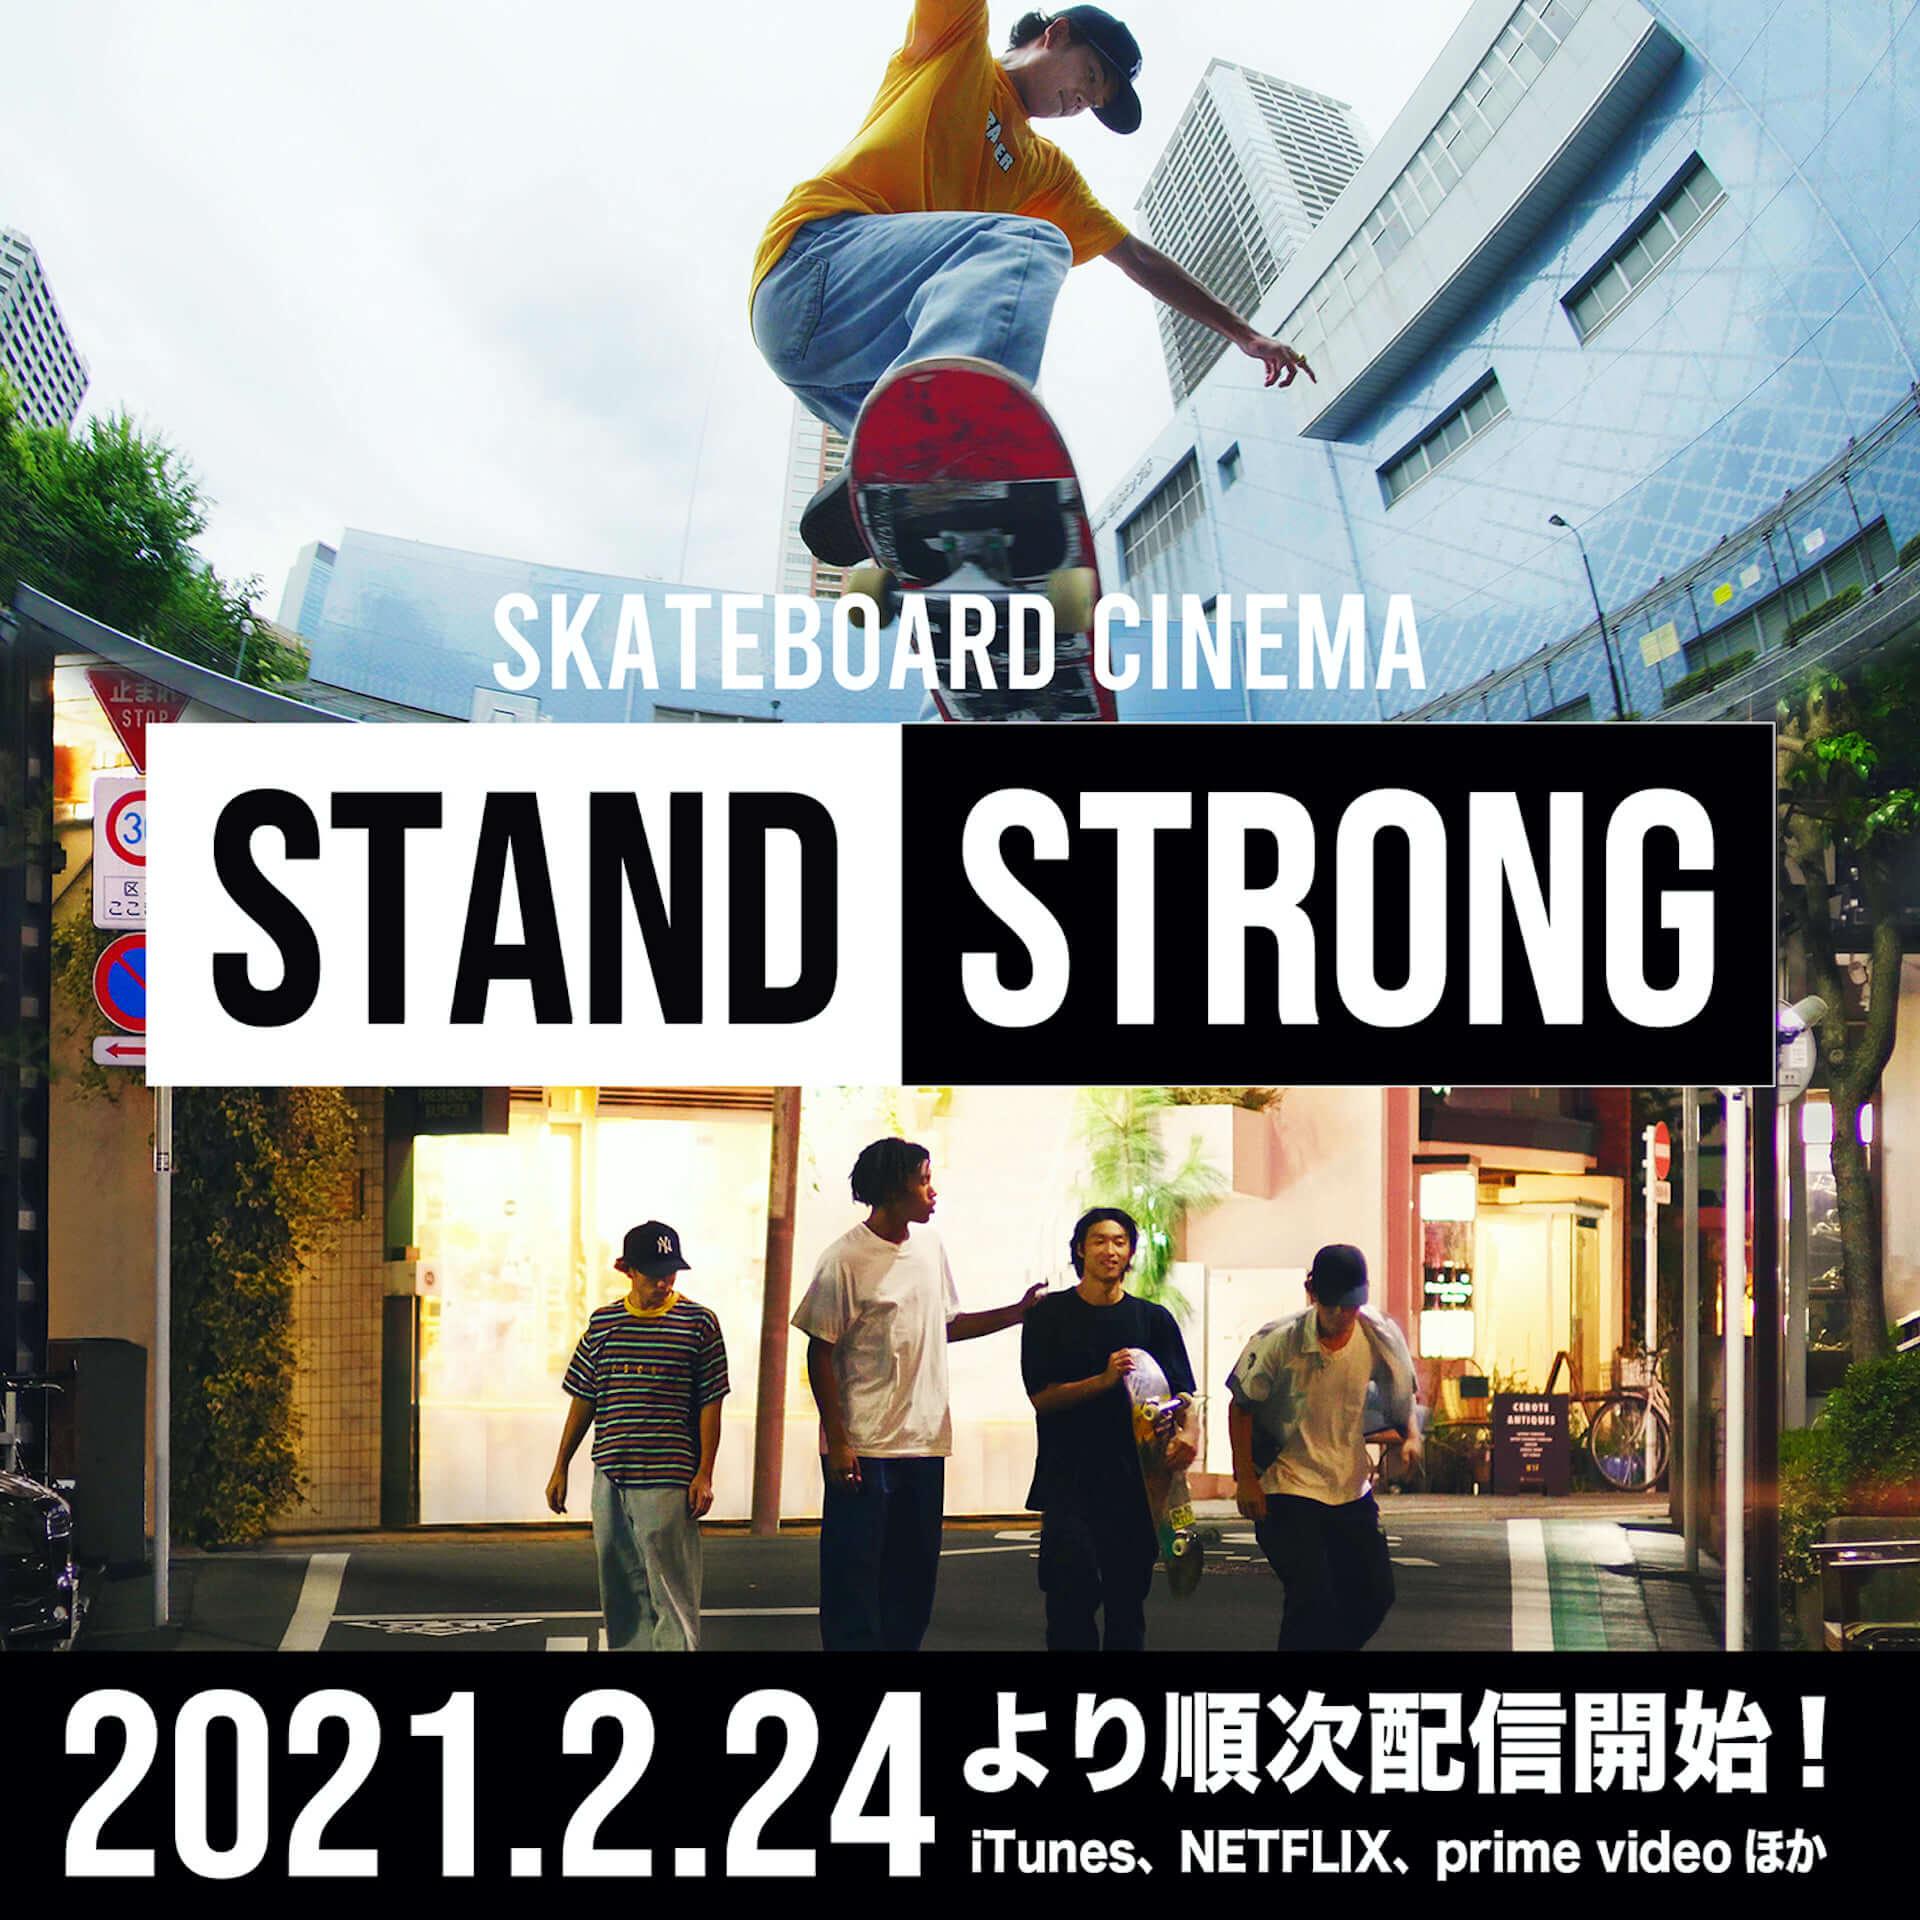 リアルスケーター4人が出演する青春映画『STAND STRONG』がNetflix、iTunes、Amazonプライムビデオなどで配信決定! film210223_standstrong_1-1920x1920